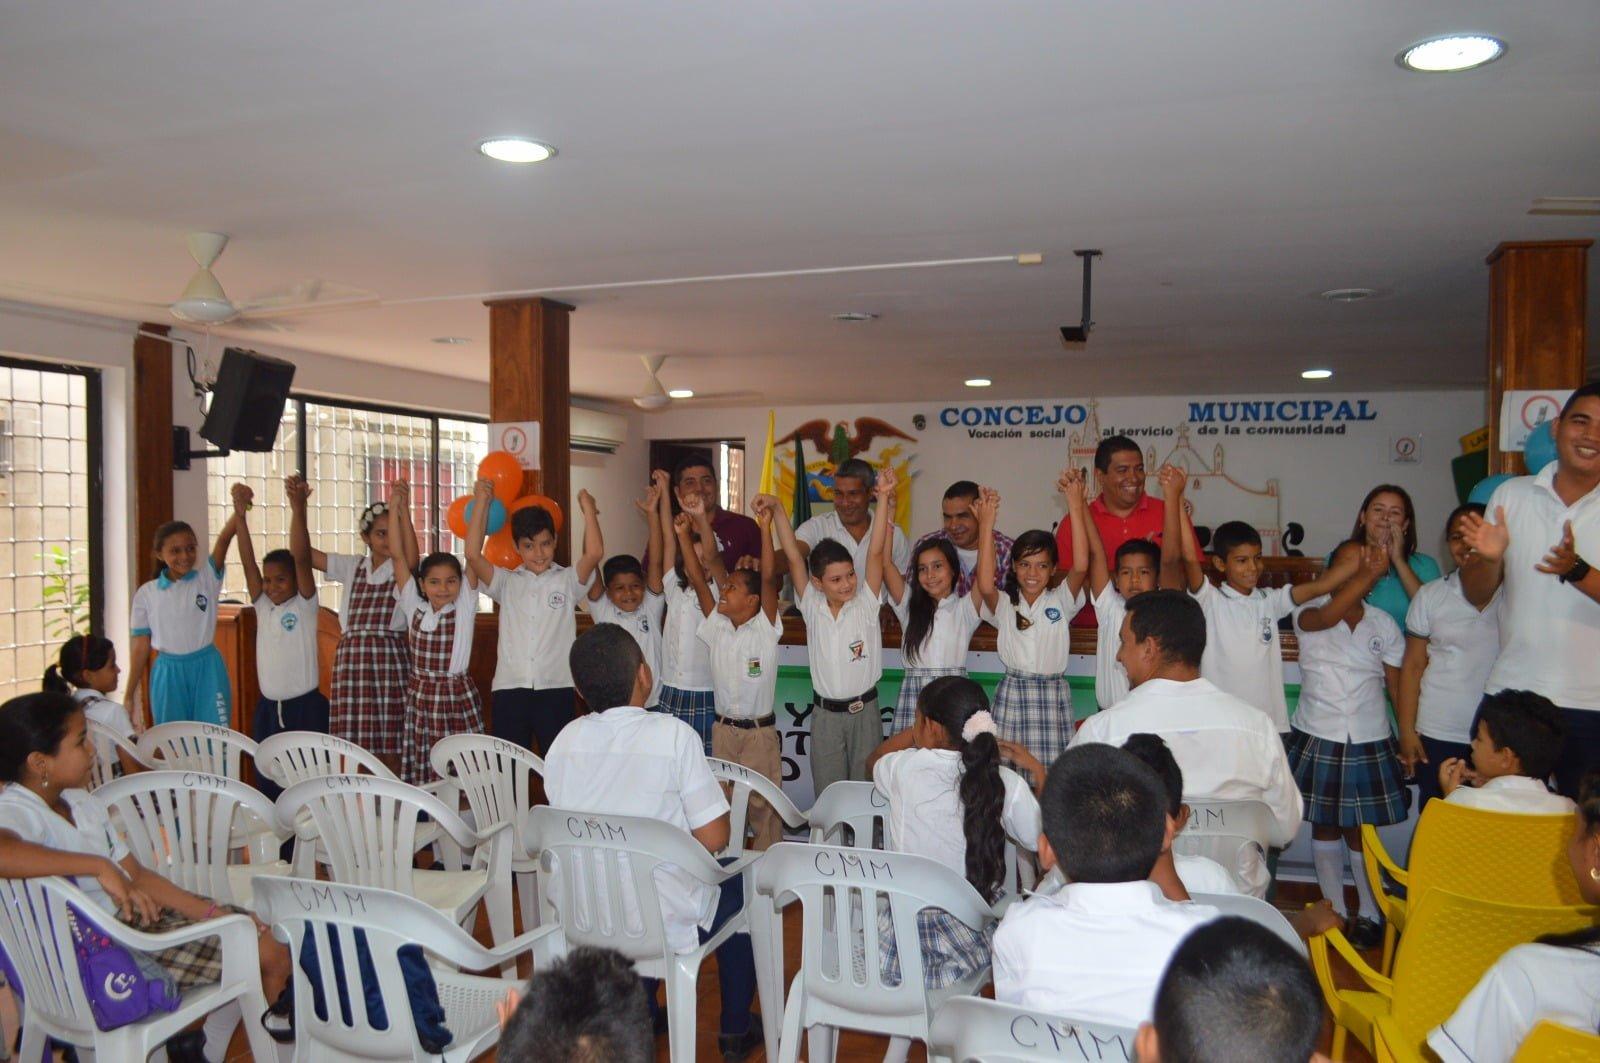 Se eligió niño alcalde y concejalitos en Montelíbano